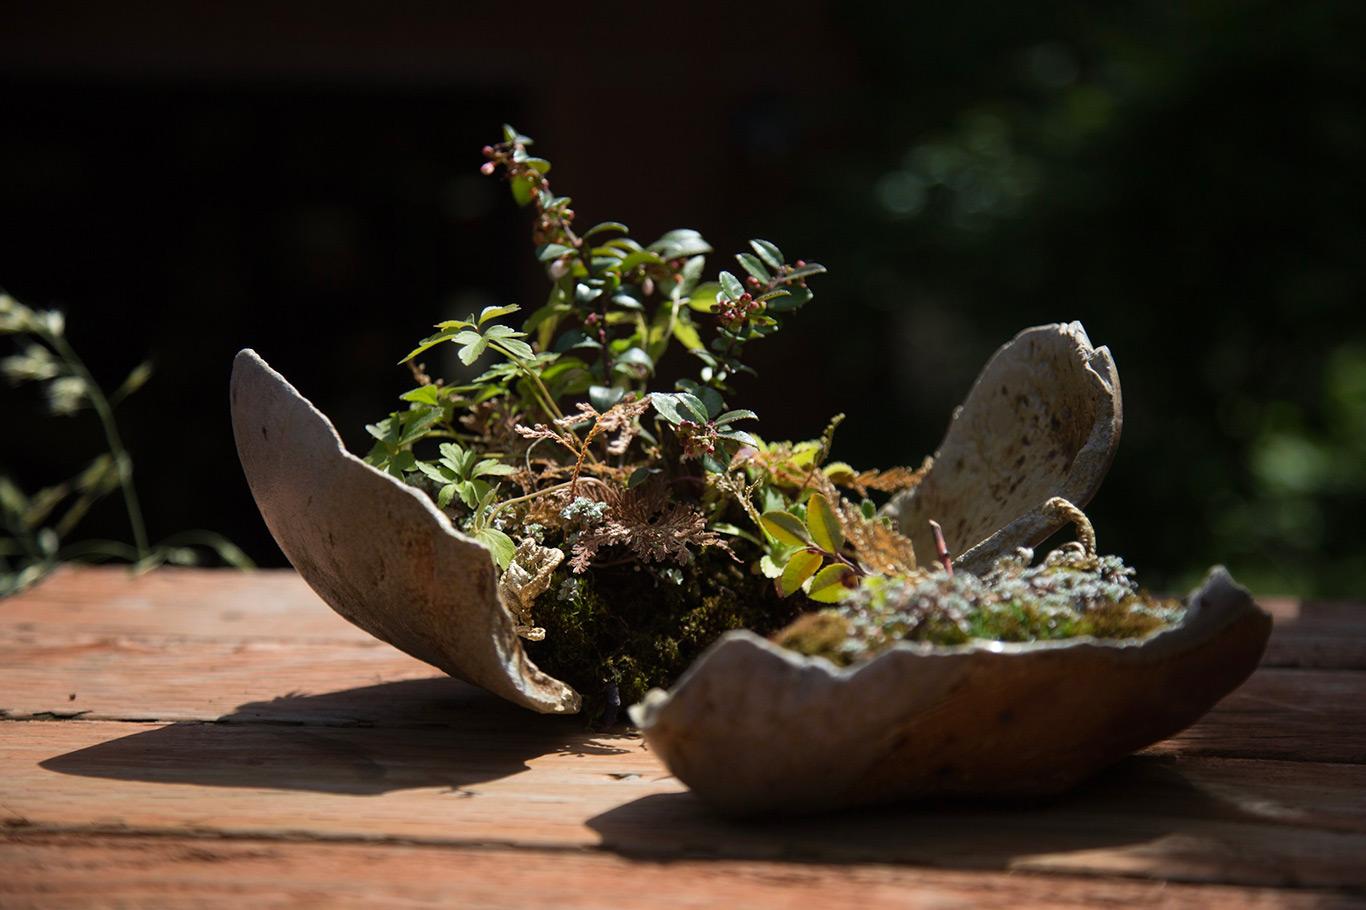 kusmono_bonsai_mirai